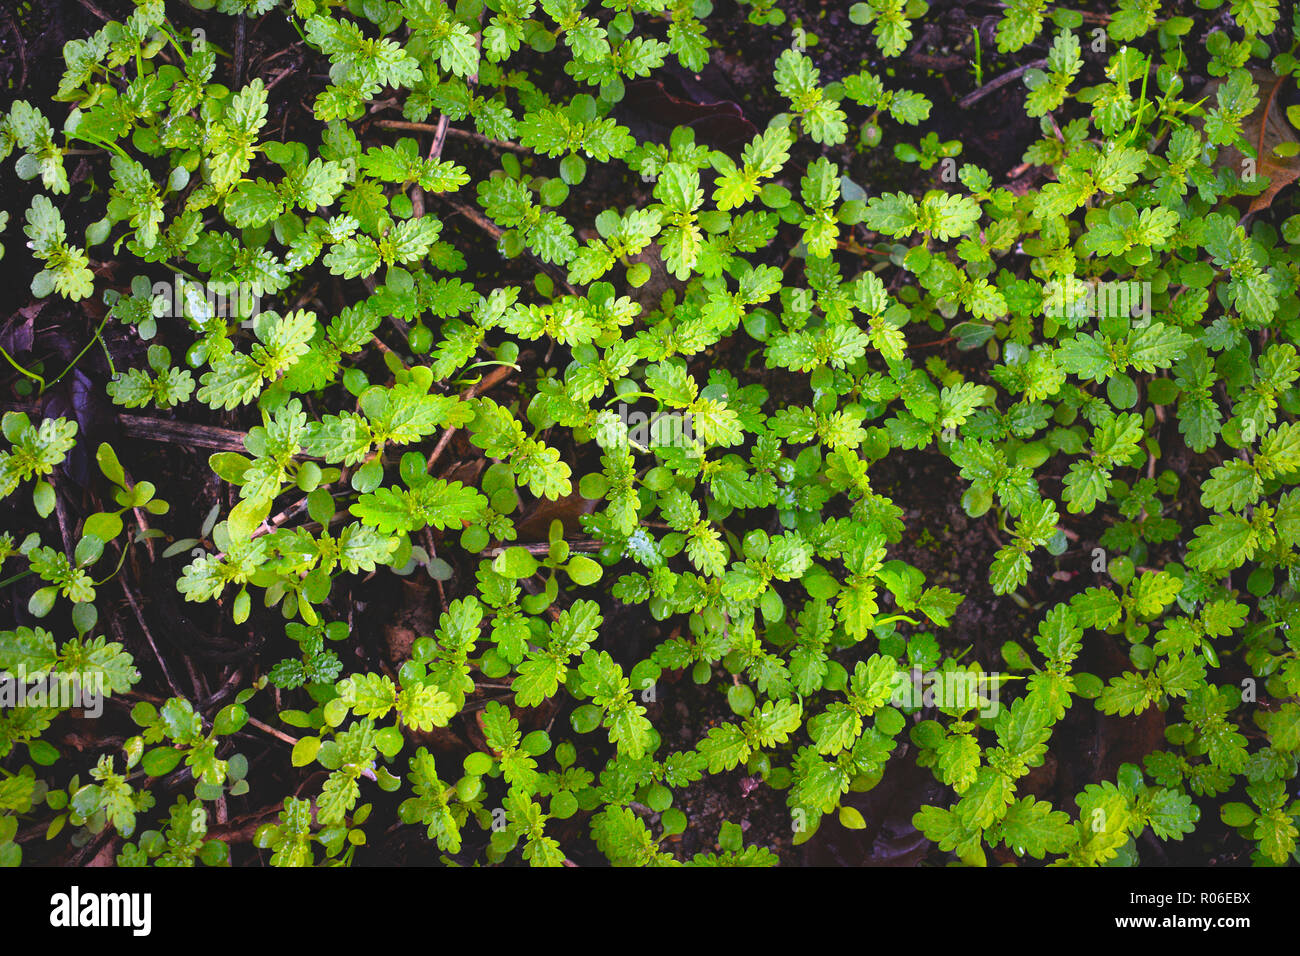 Frisches Gras Im Herbst Wandteppich Der Grunen Nesseln Auf Eine